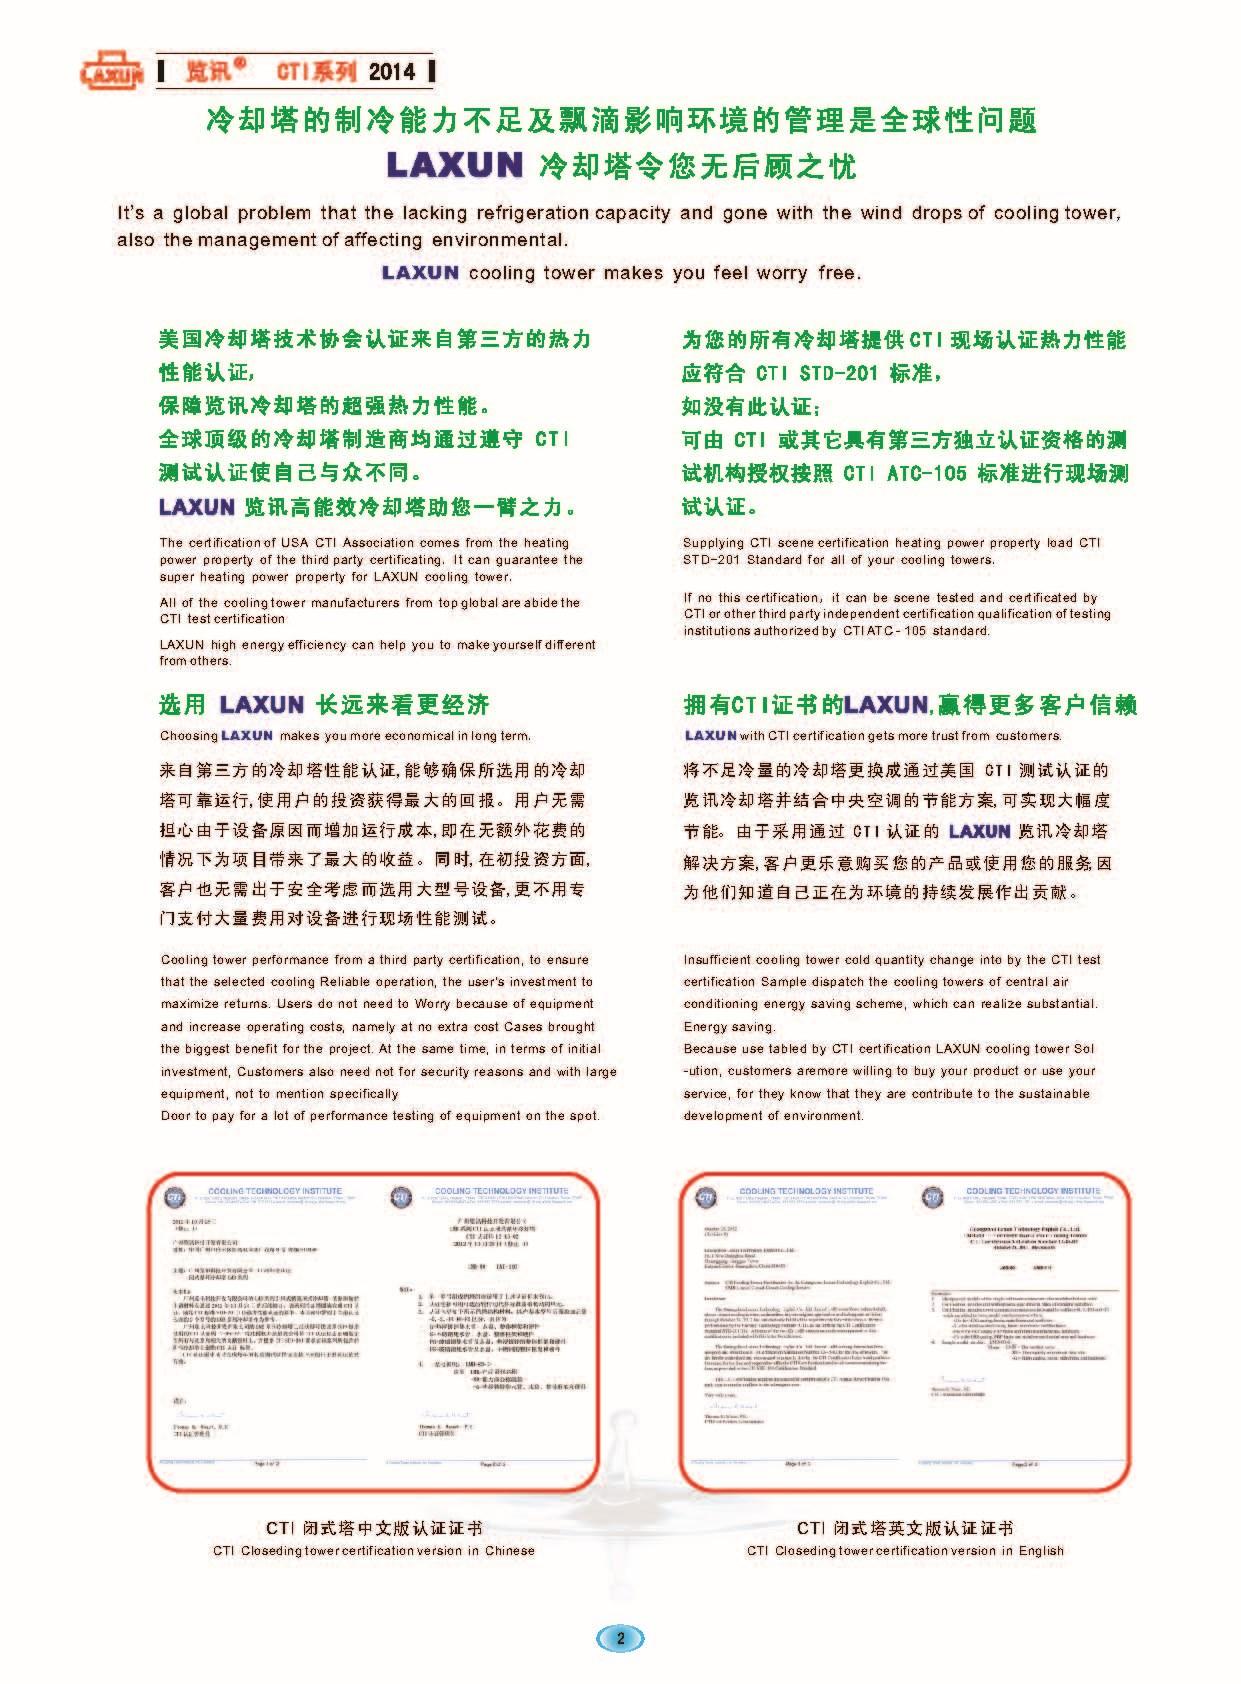 LMB全英文系列CTI说明书_页面_3.jpg